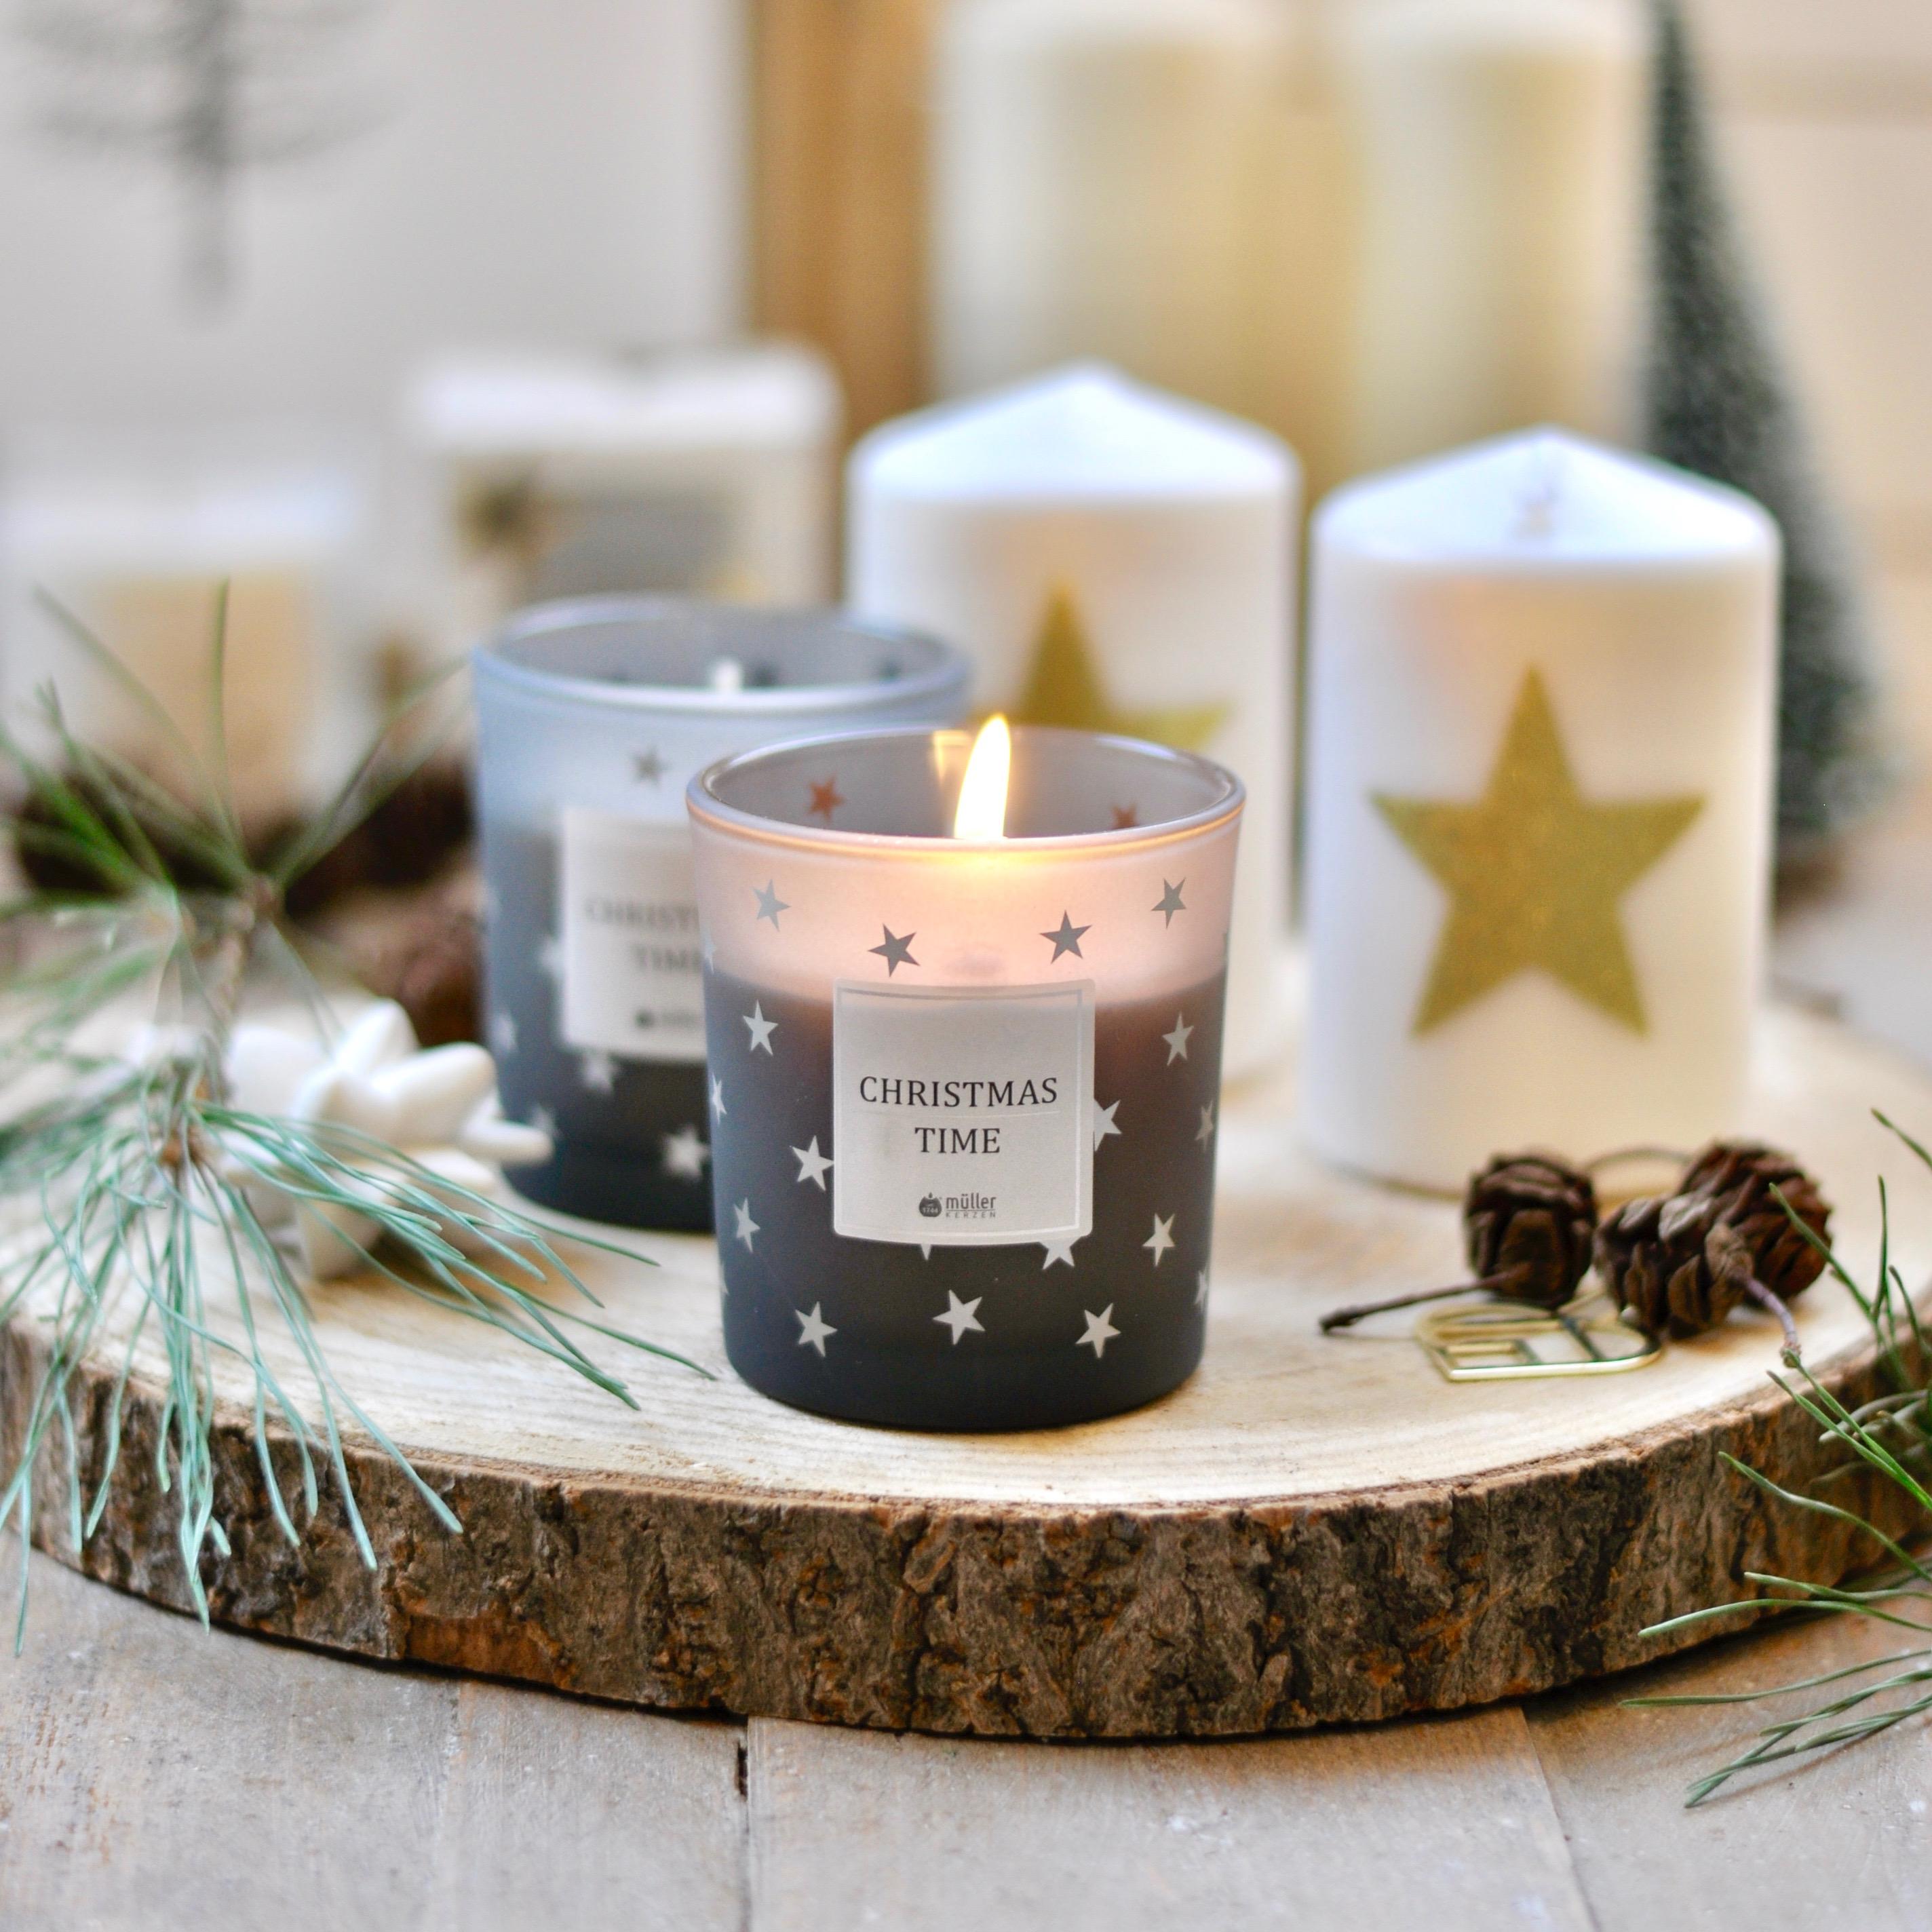 Waldweihnachten Tischdekoration Mit Muller Kerzen Mrs Greenhouse